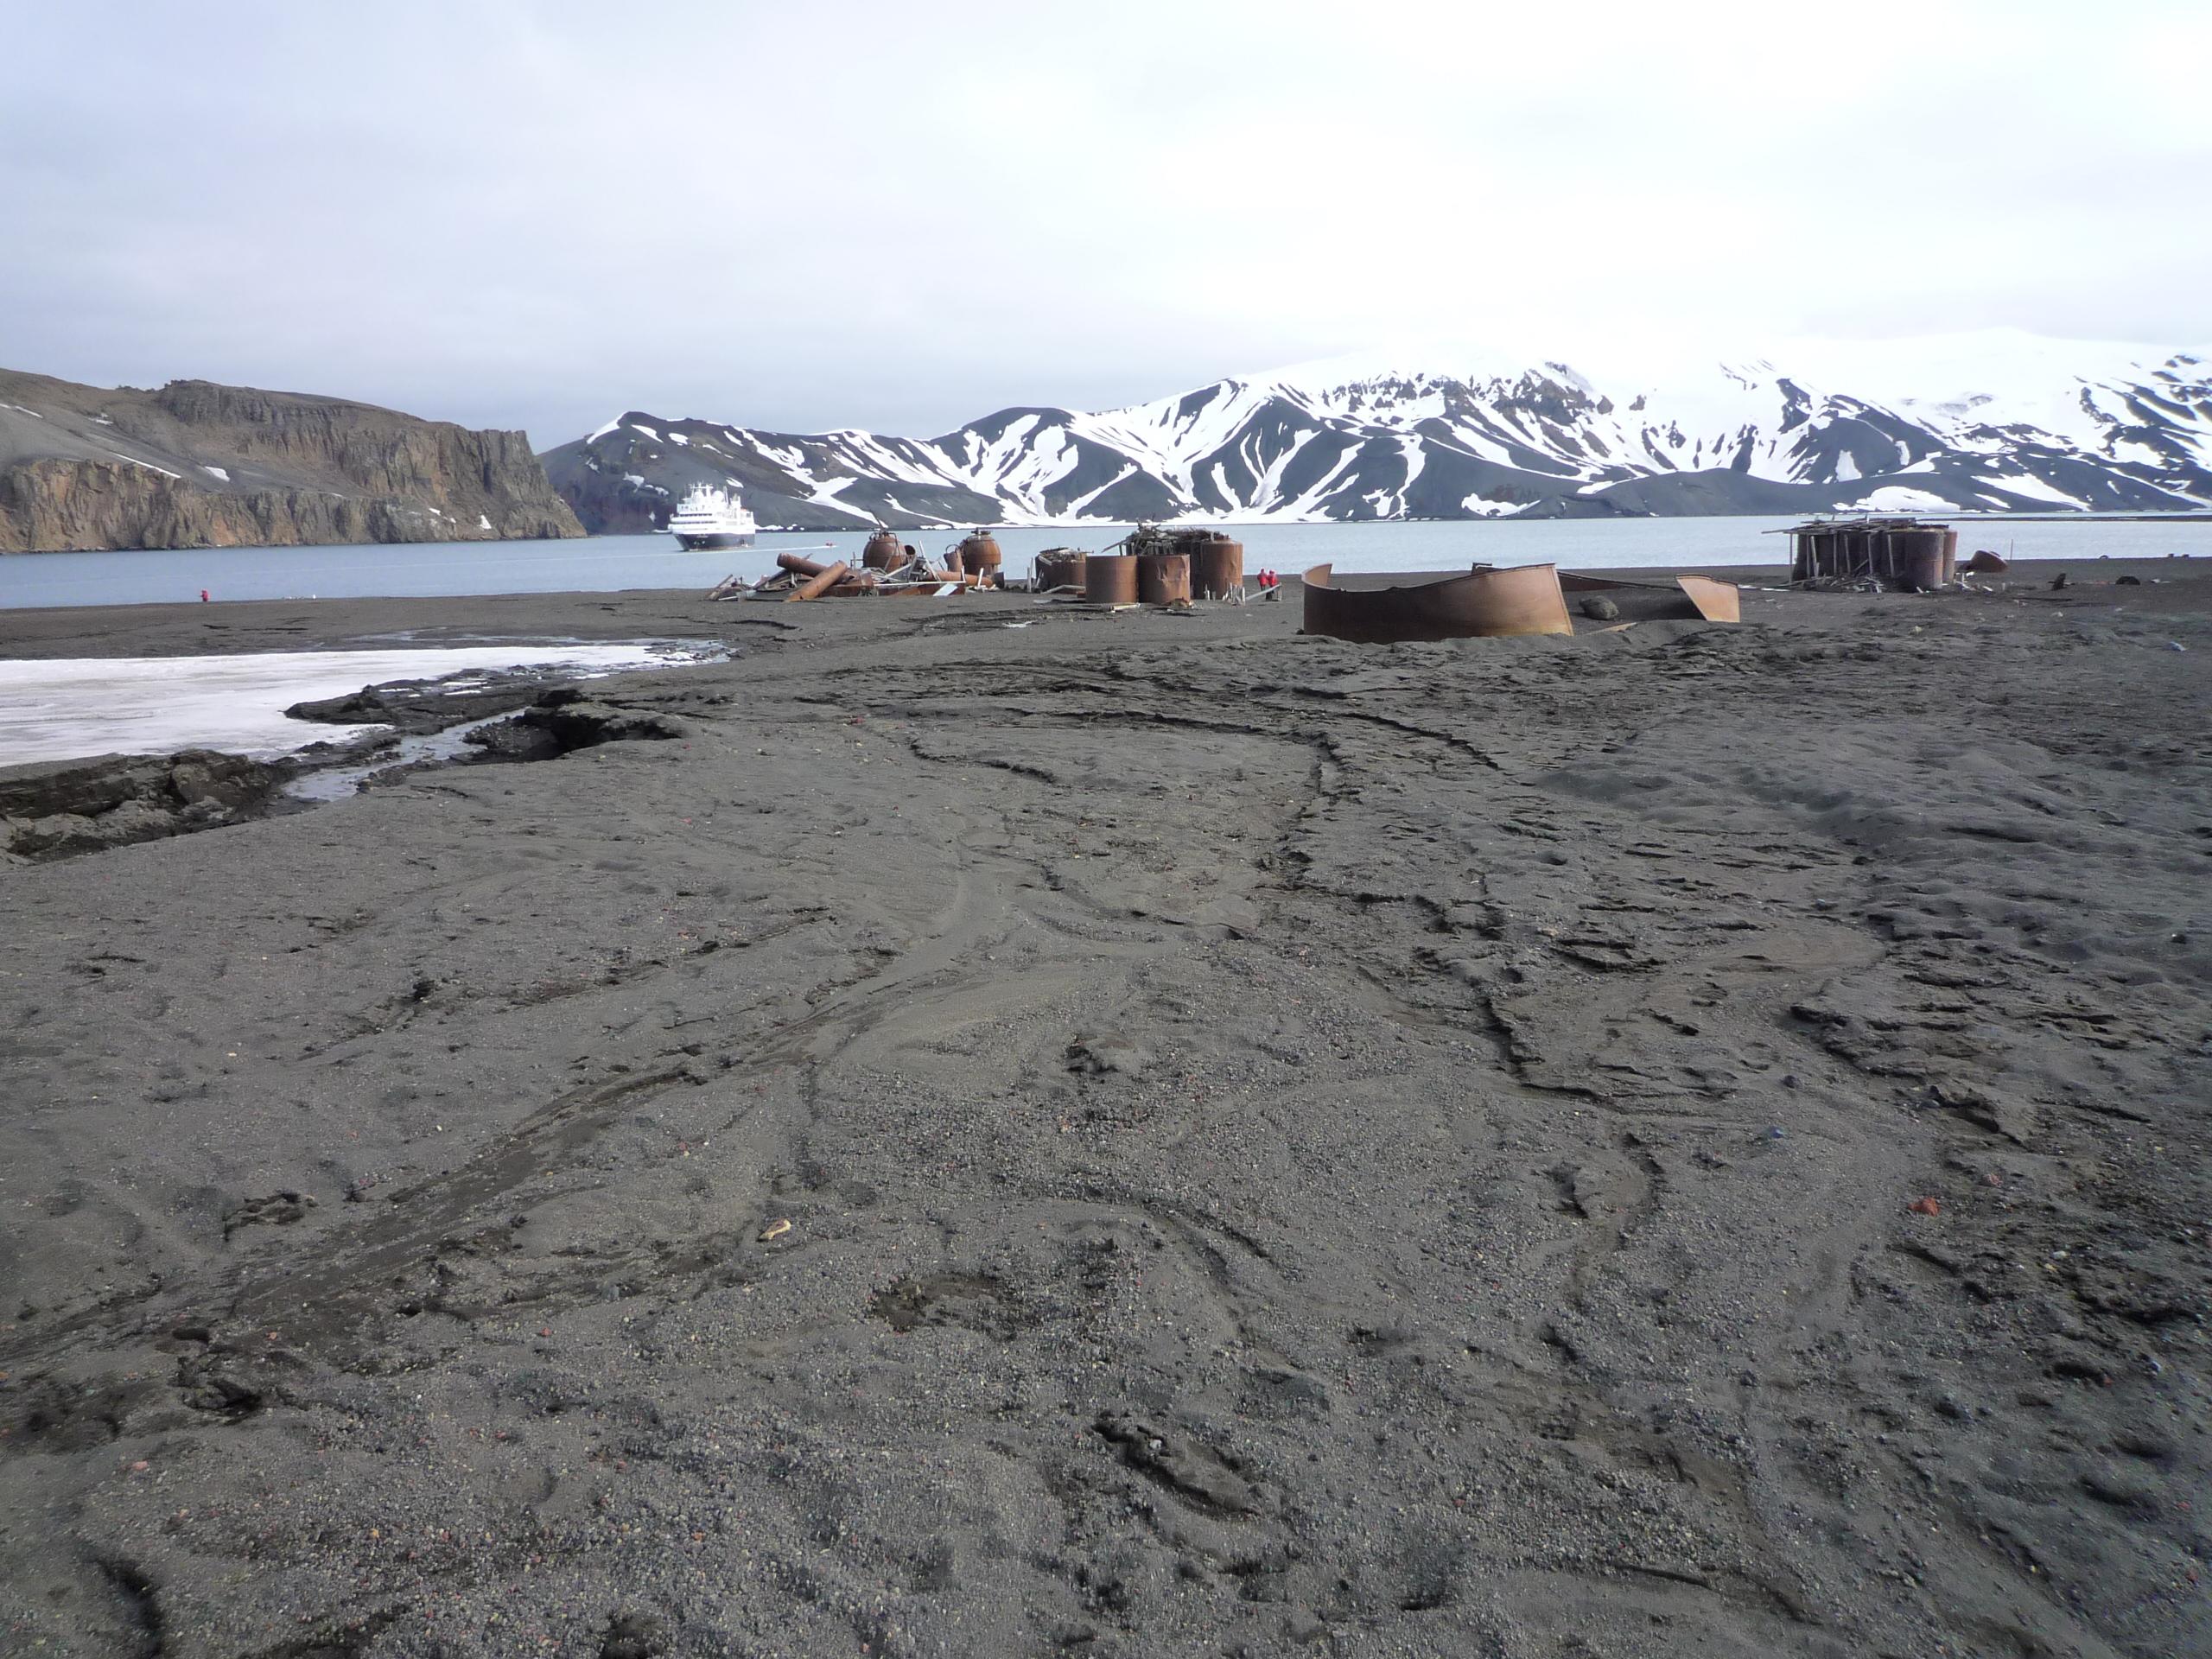 Am erdigen Strand stehen alte, verfallene und verrostete Öltanks. Im Hintergrund sind Berge.